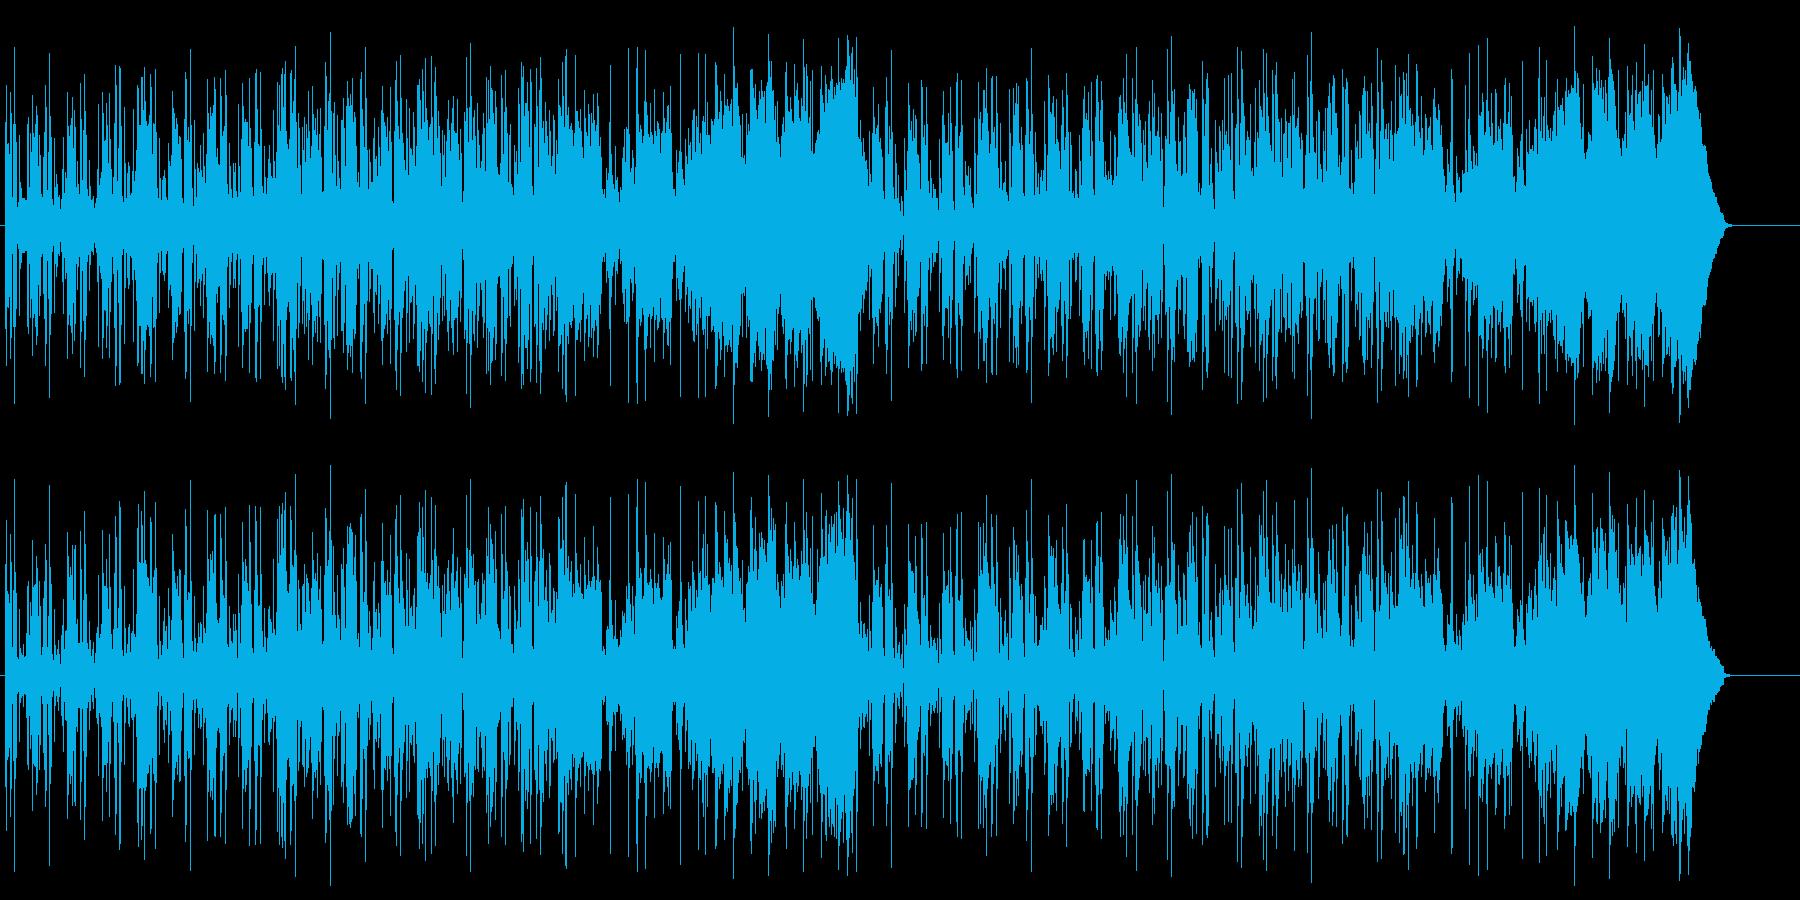 レゲエ さわやか リゾート 海 のんびりの再生済みの波形